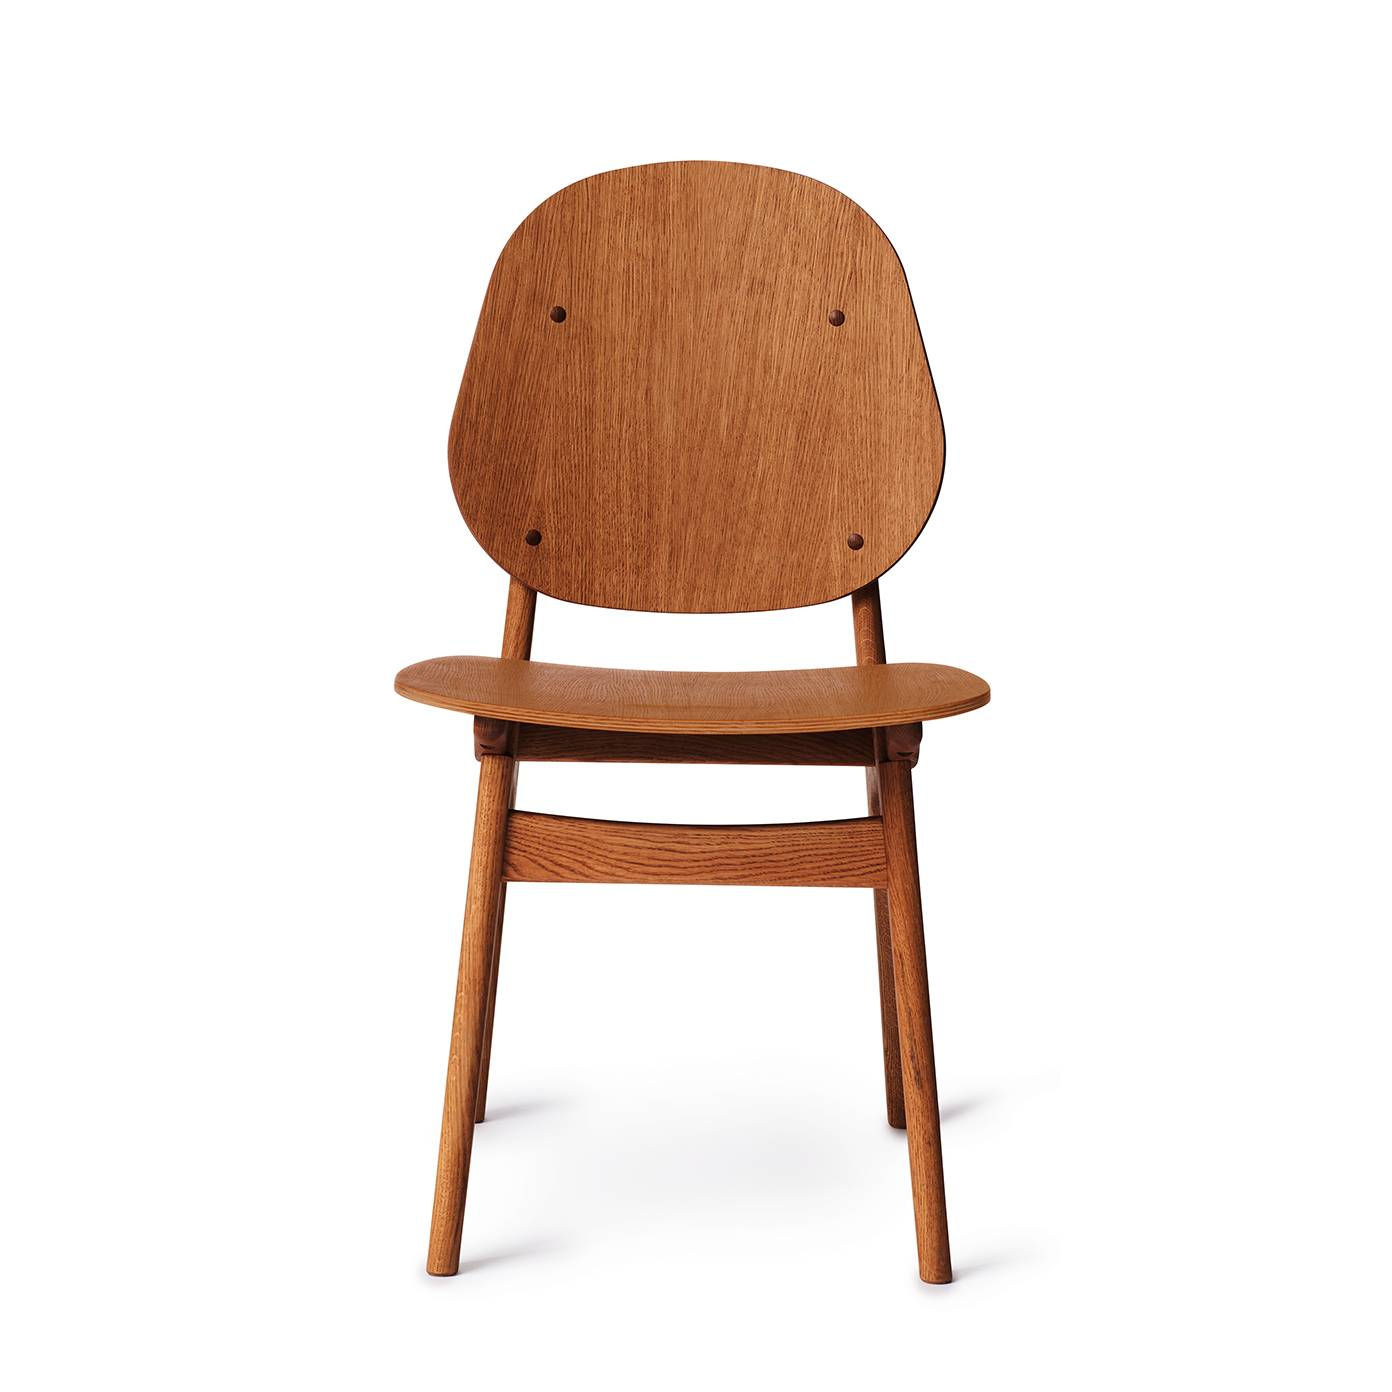 warmnordic furniture noble diningchair teak oiledoak 1392x1392